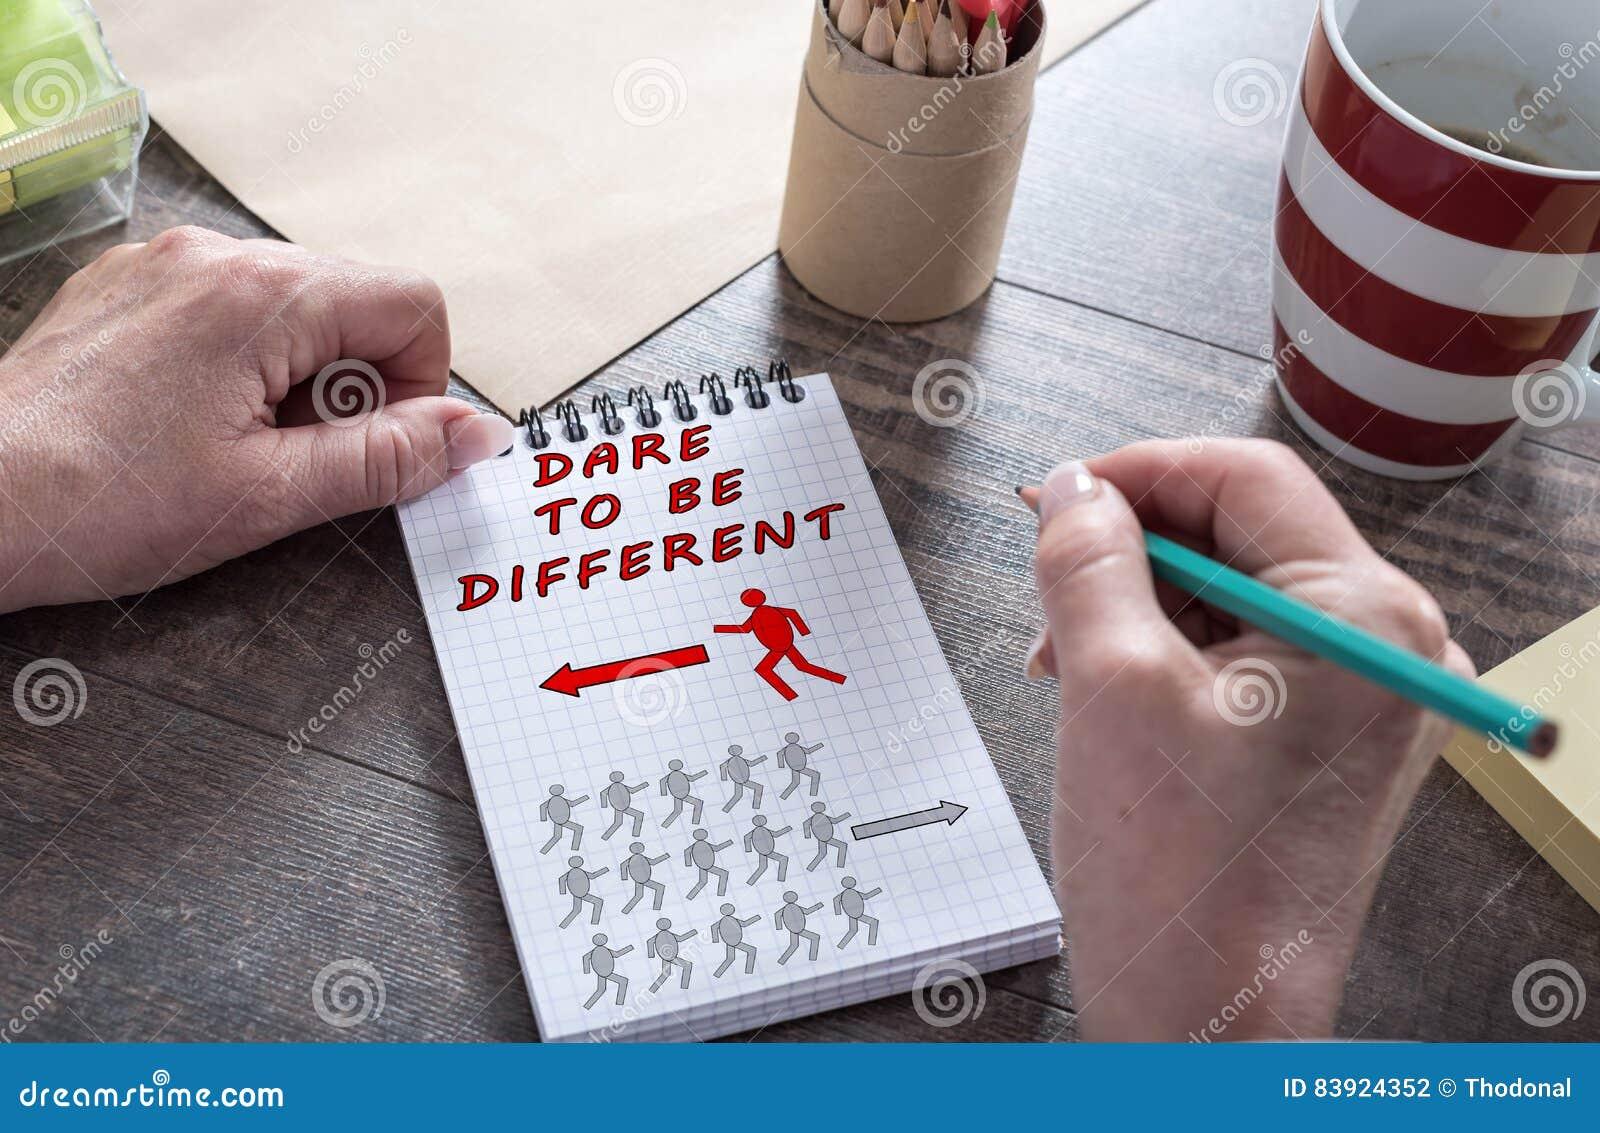 Τολμήστε να είστε διαφορετική έννοια σε ένα σημειωματάριο